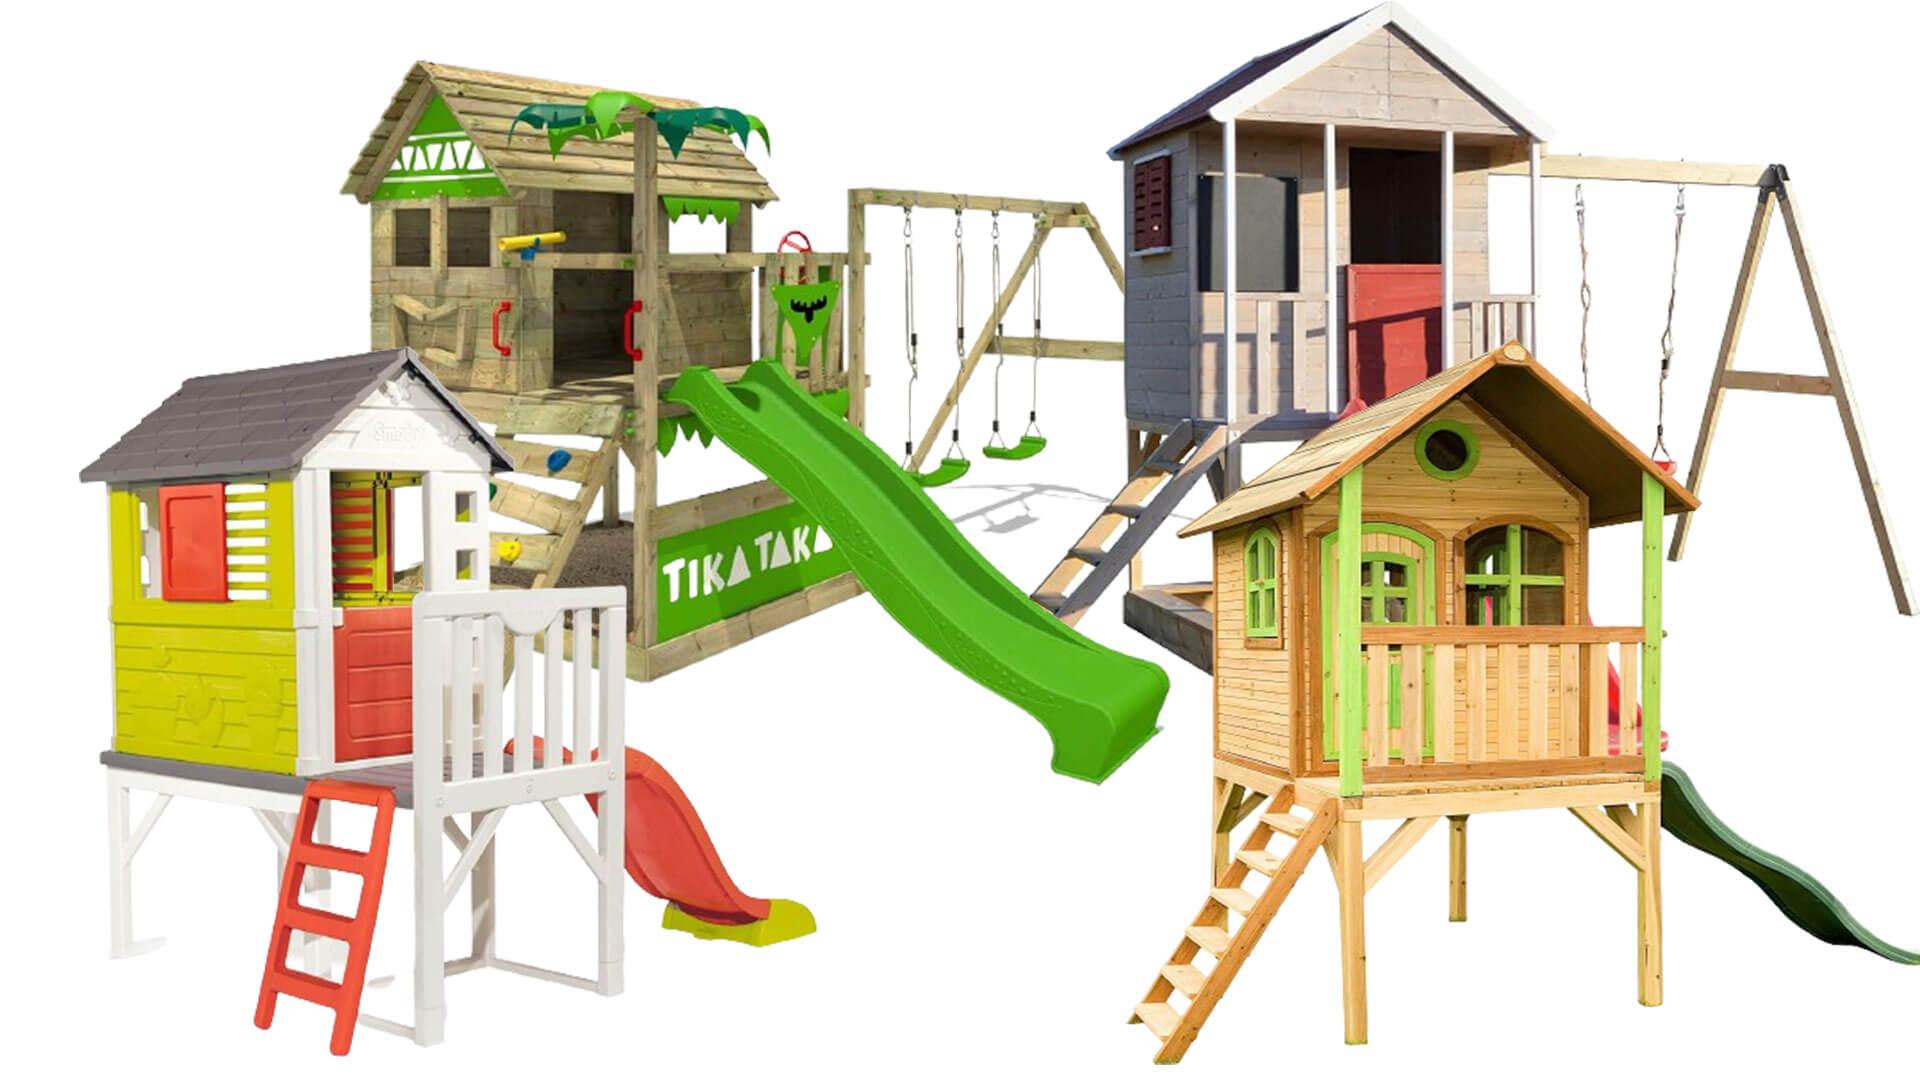 Verschiedene bunte Stelzenhäuser für Kinder